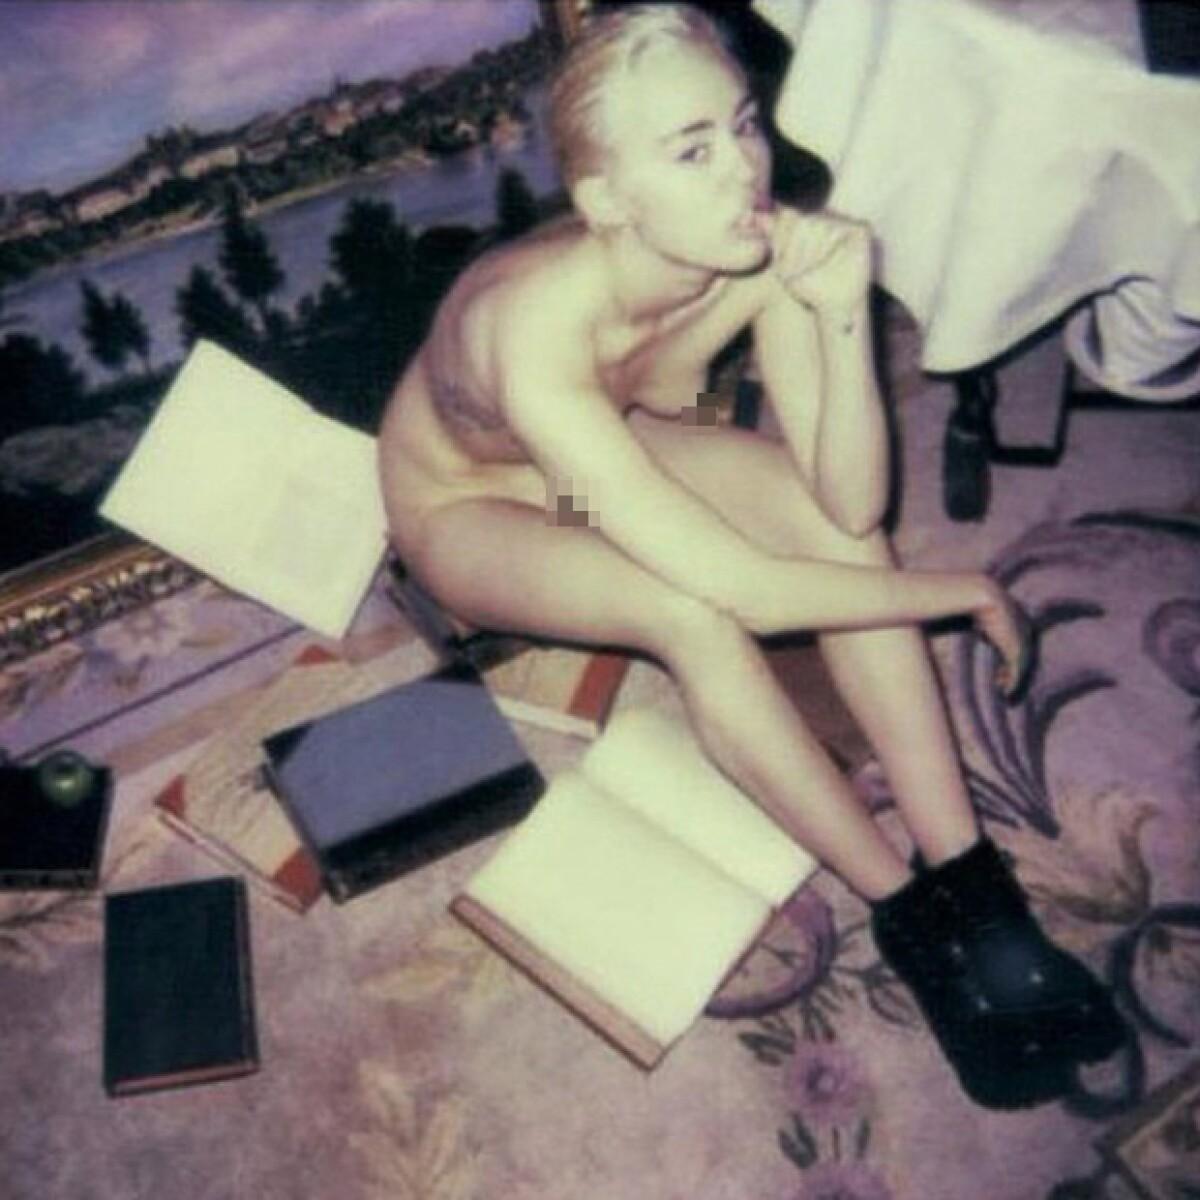 Las fotos de Miley en Instagram, ¿podrían causar su censura?